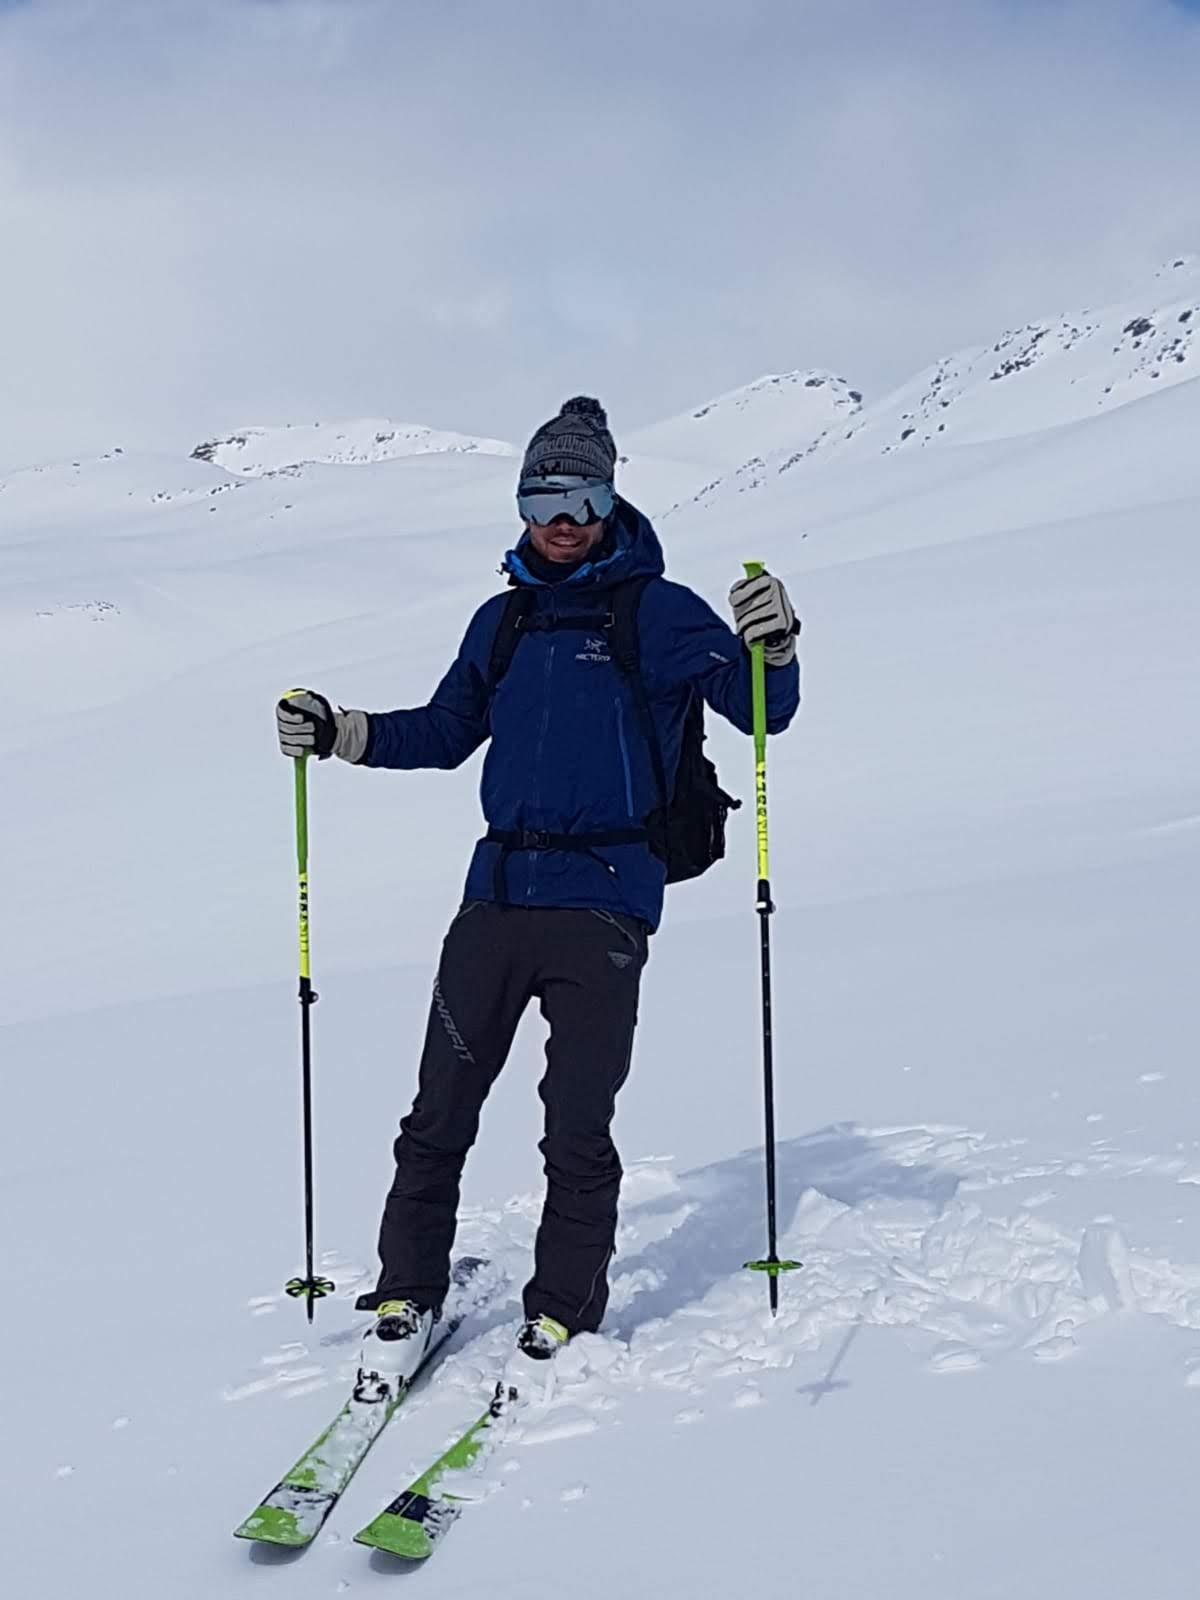 Me skitouring around